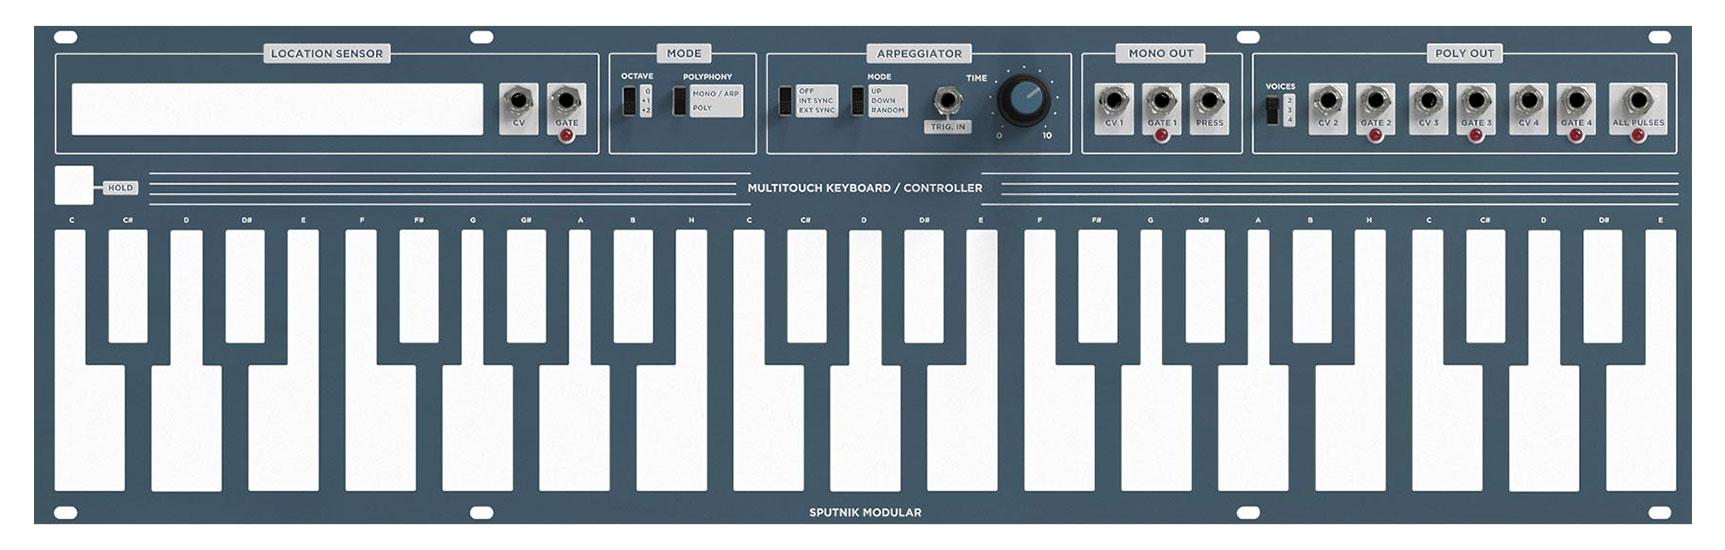 sputnik-multitouch-controller-keyboard.jpg?zoom=1.5&resize=640%2C204